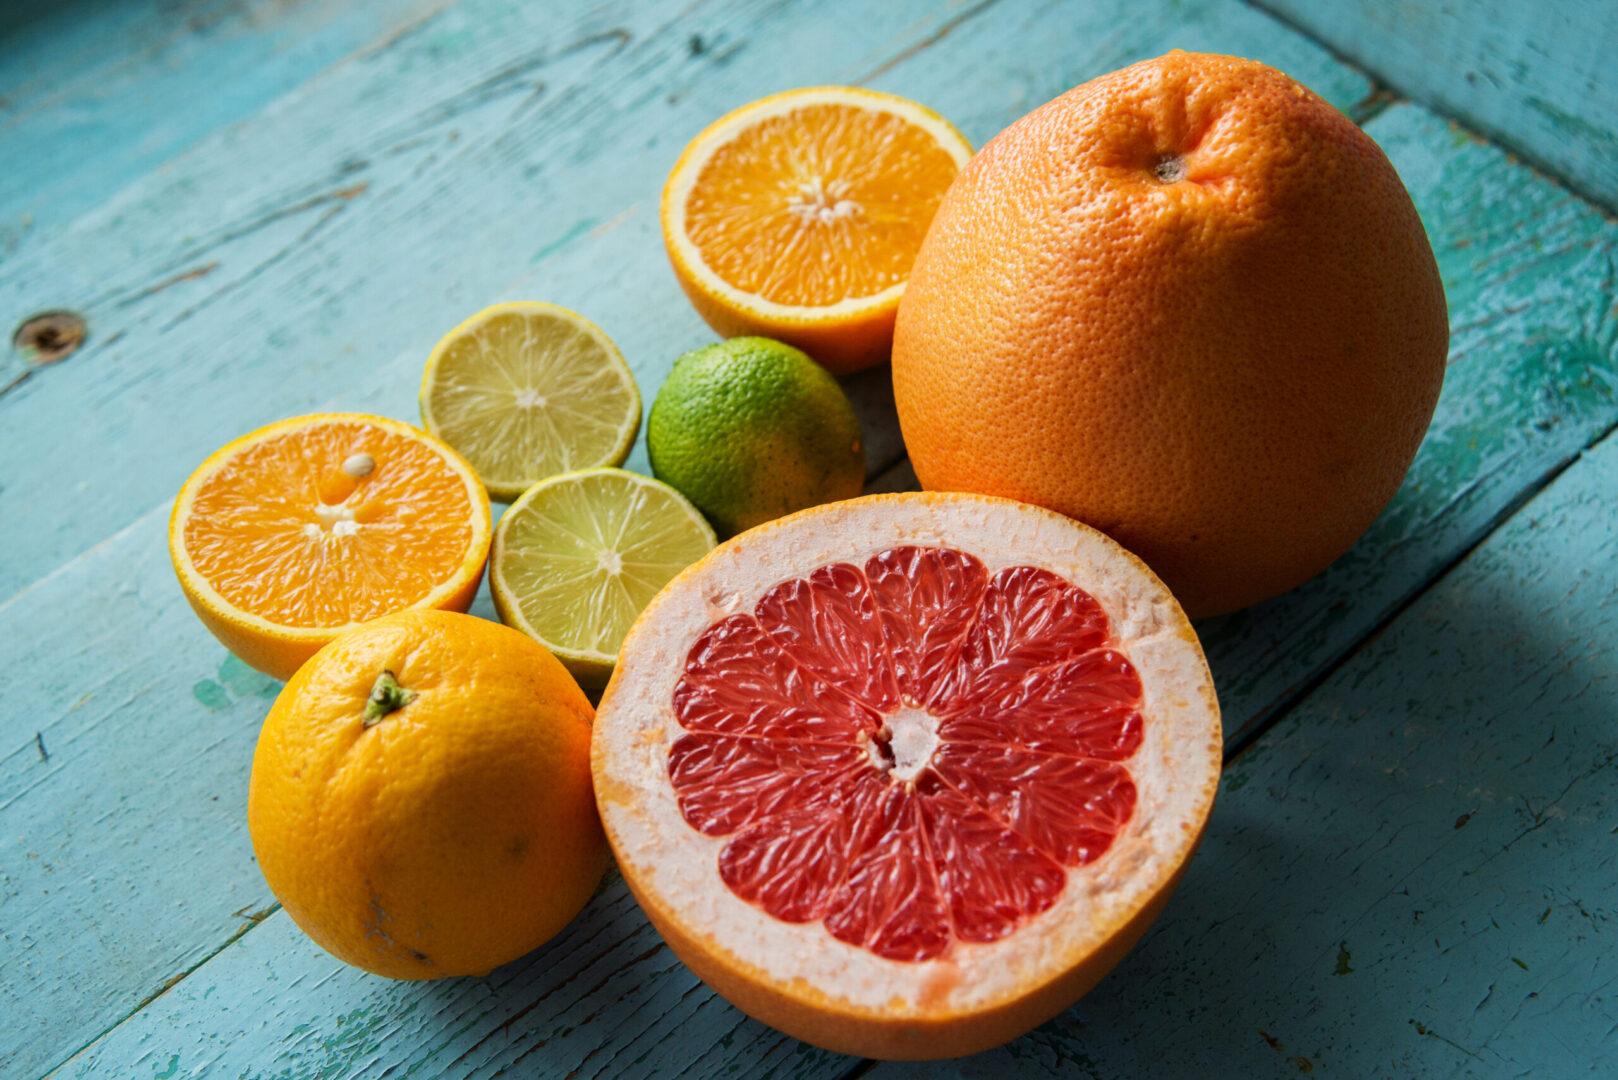 vitamin C: citrus